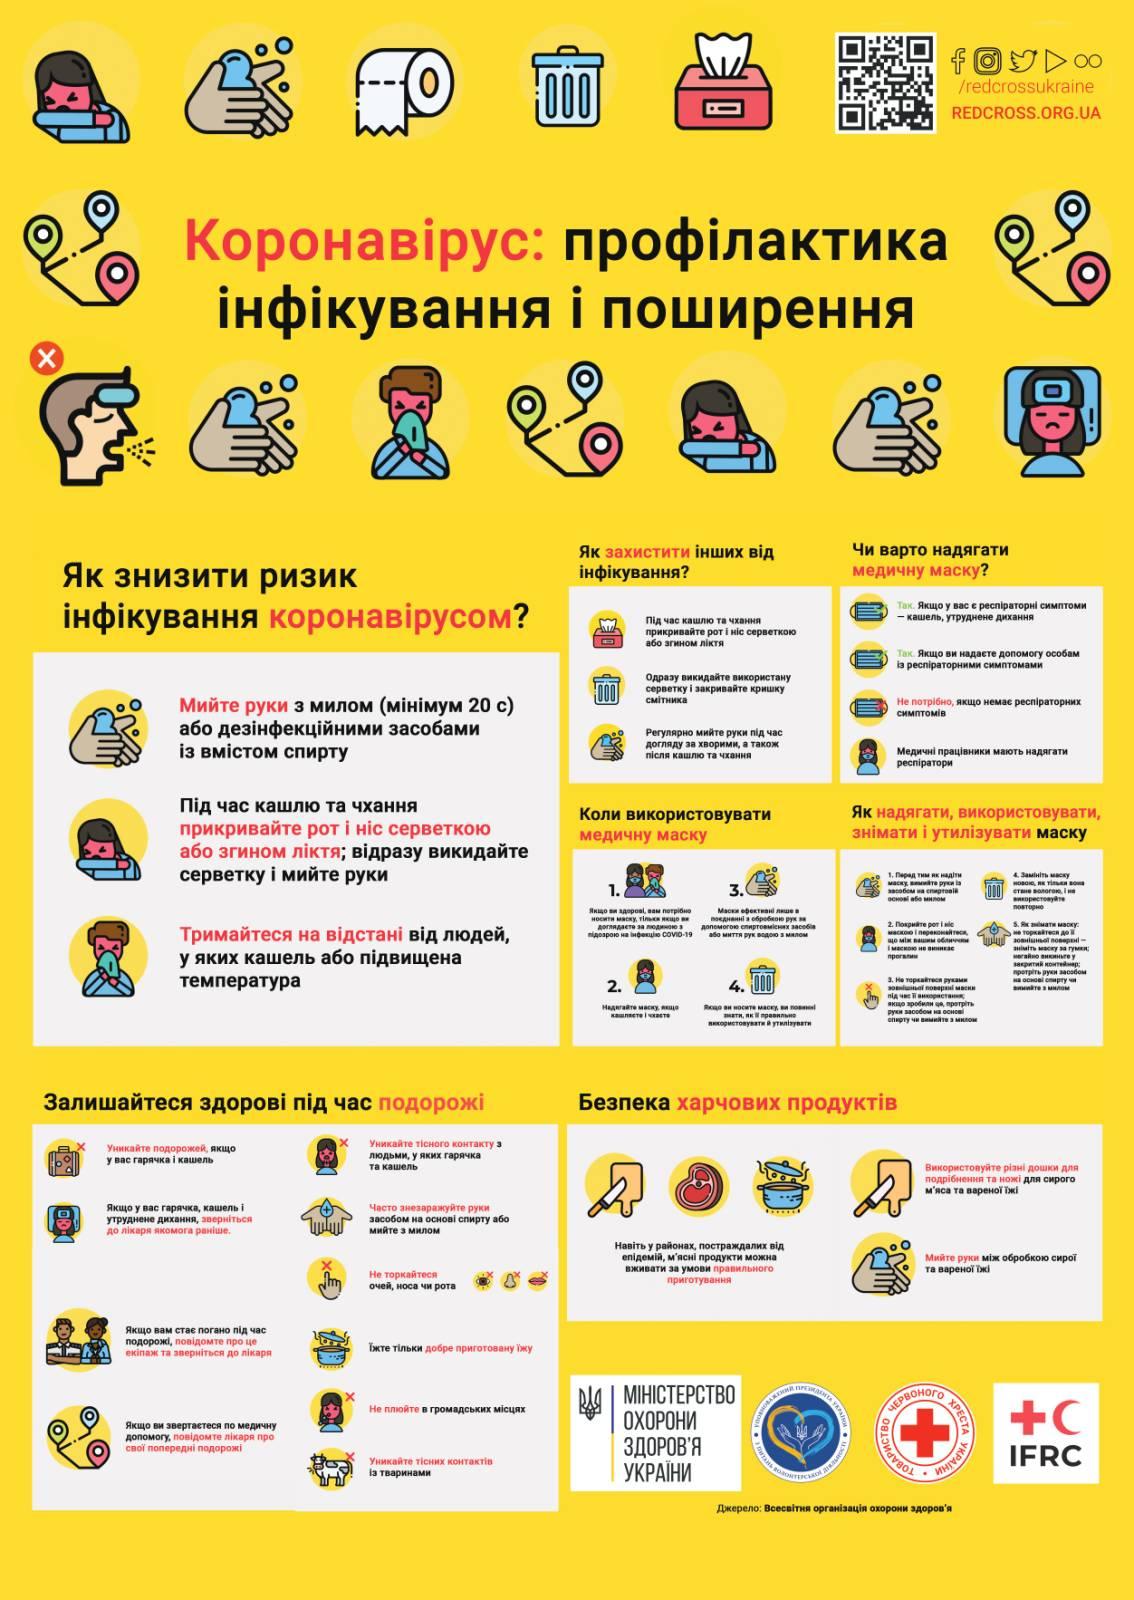 Профілактика коронавірусу - Департамент освіти і науки Києва